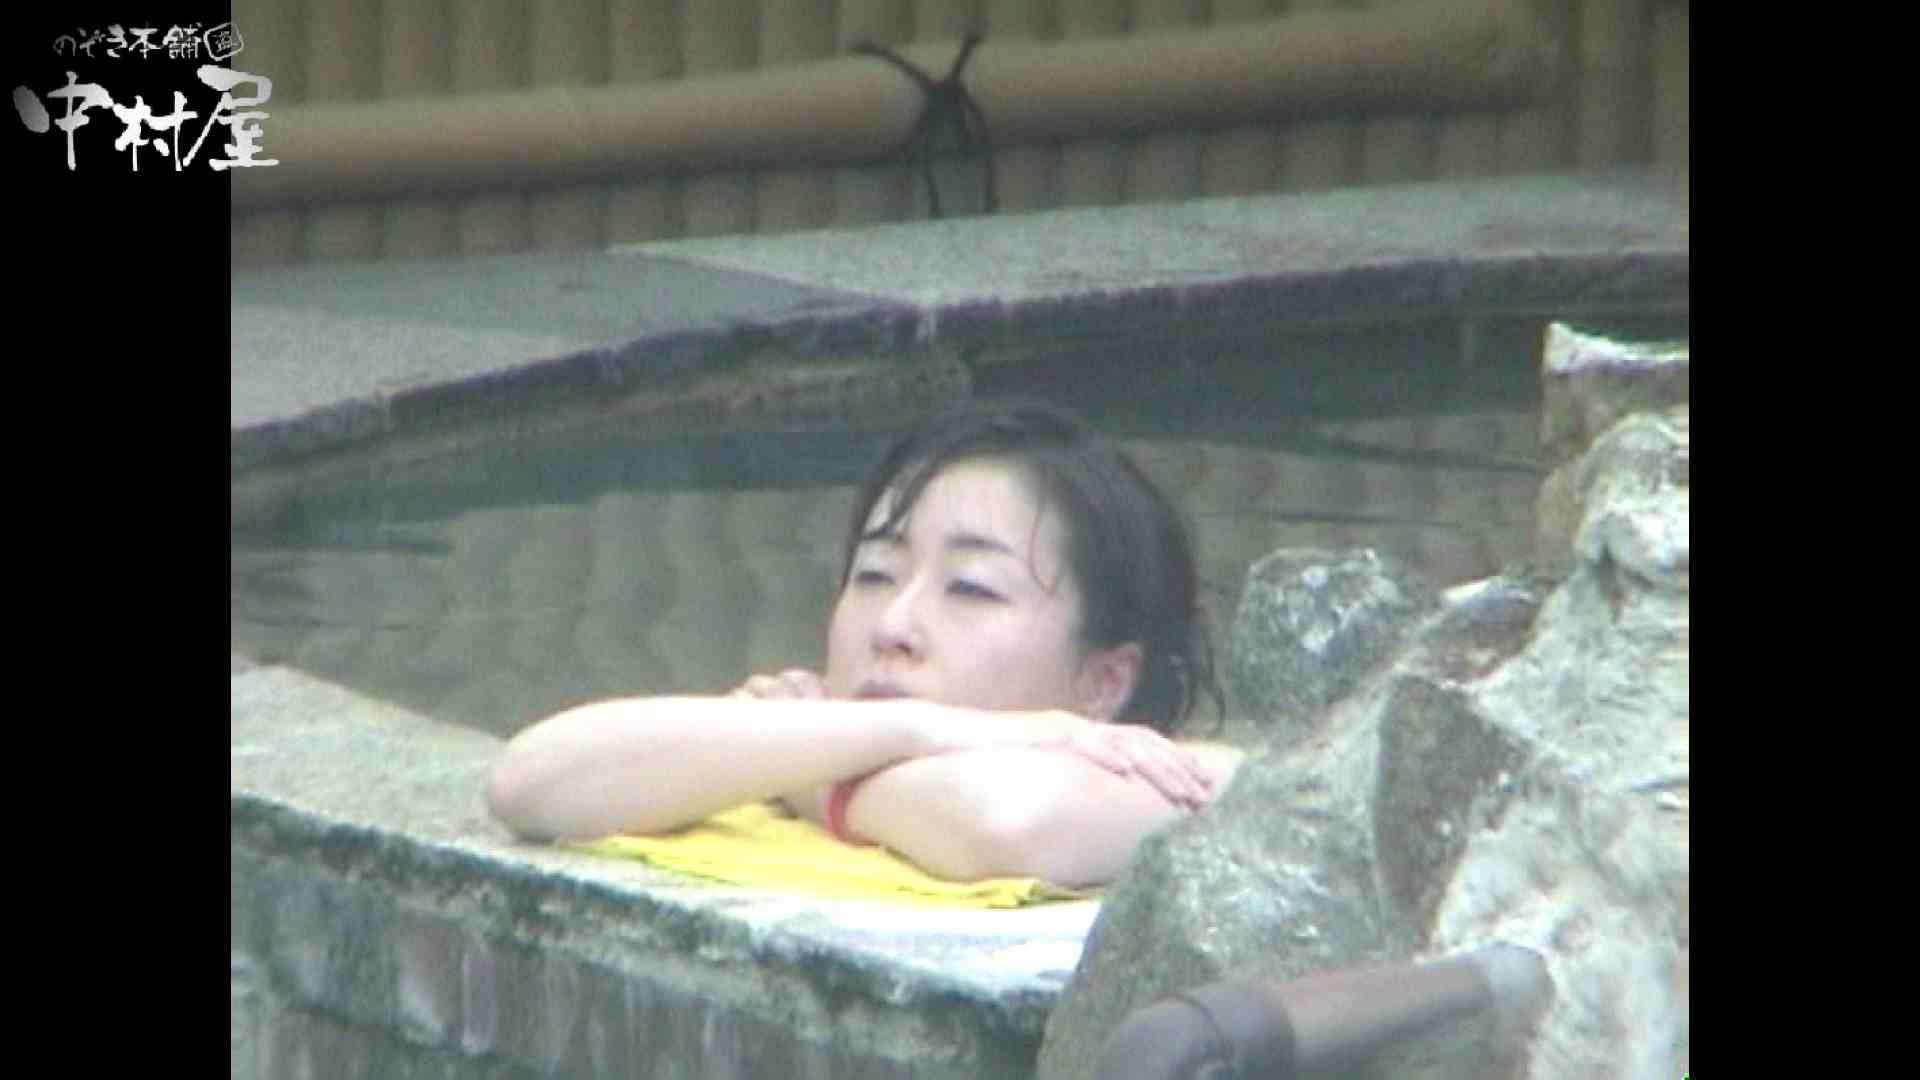 Aquaな露天風呂Vol.957 盗撮シリーズ  110PIX 22